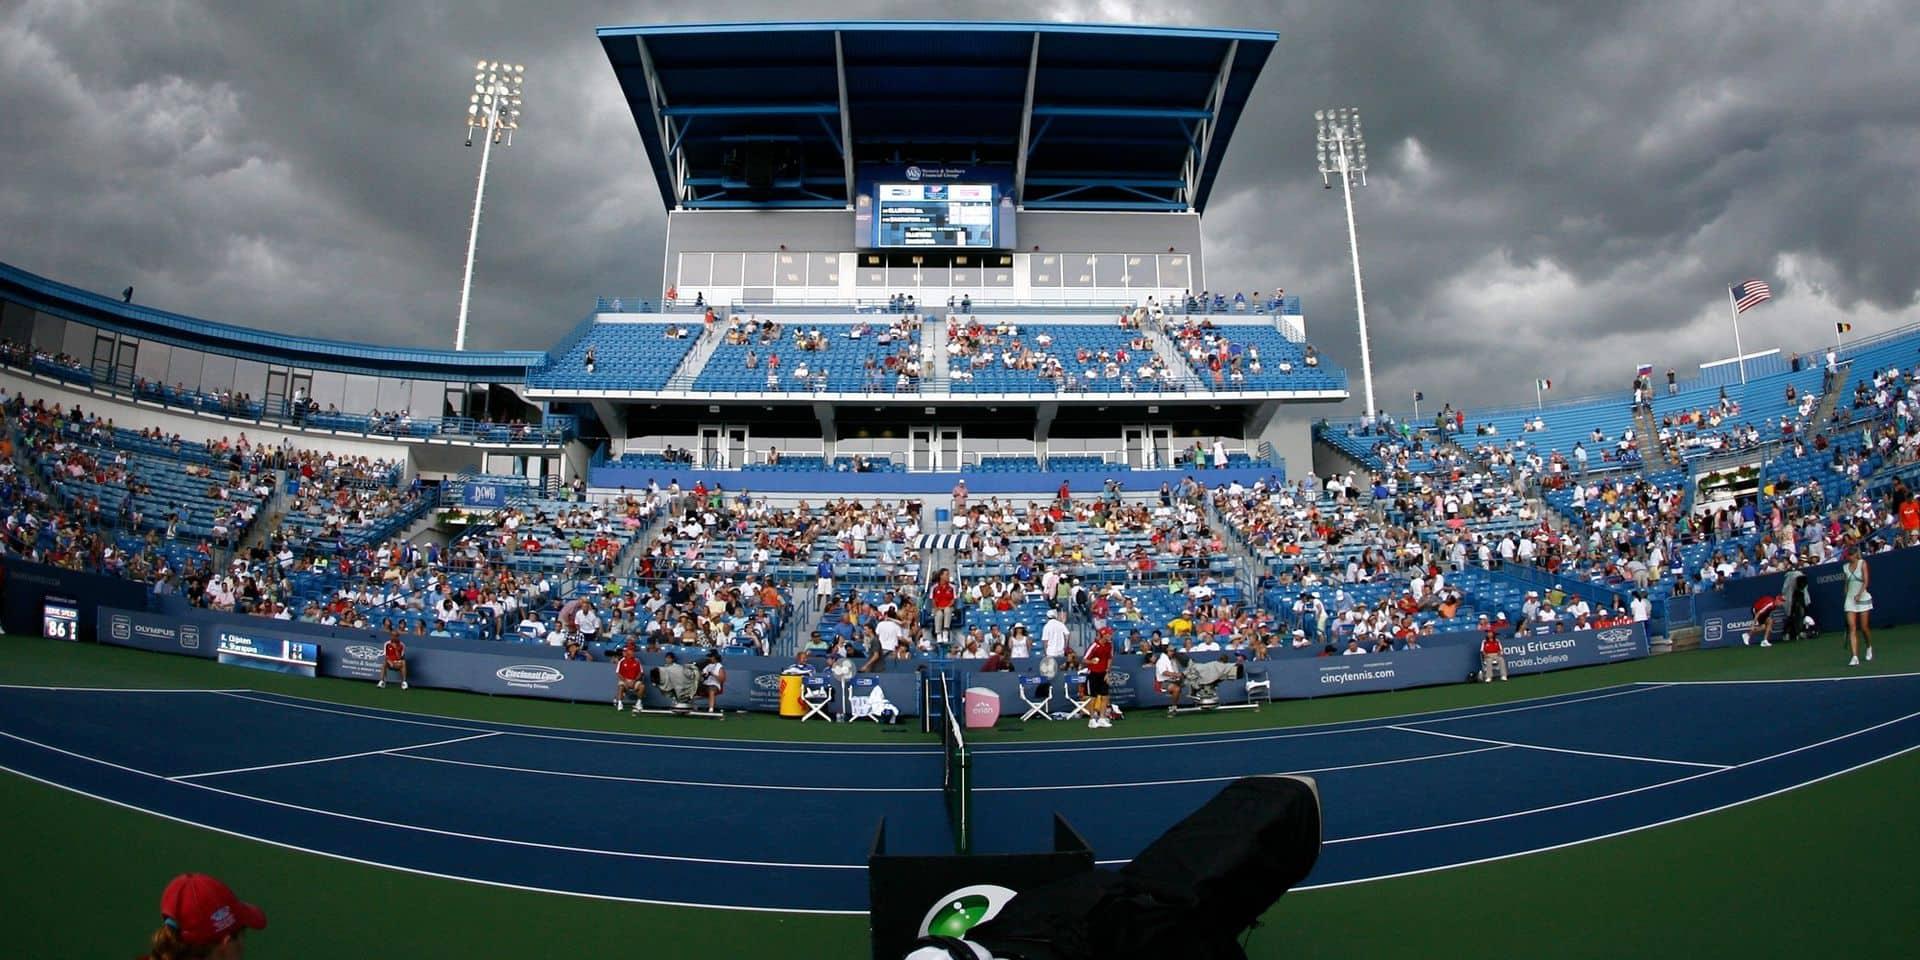 Le Masters 1000 de Cincinnati déplacé à... New York avant l'US Open ?